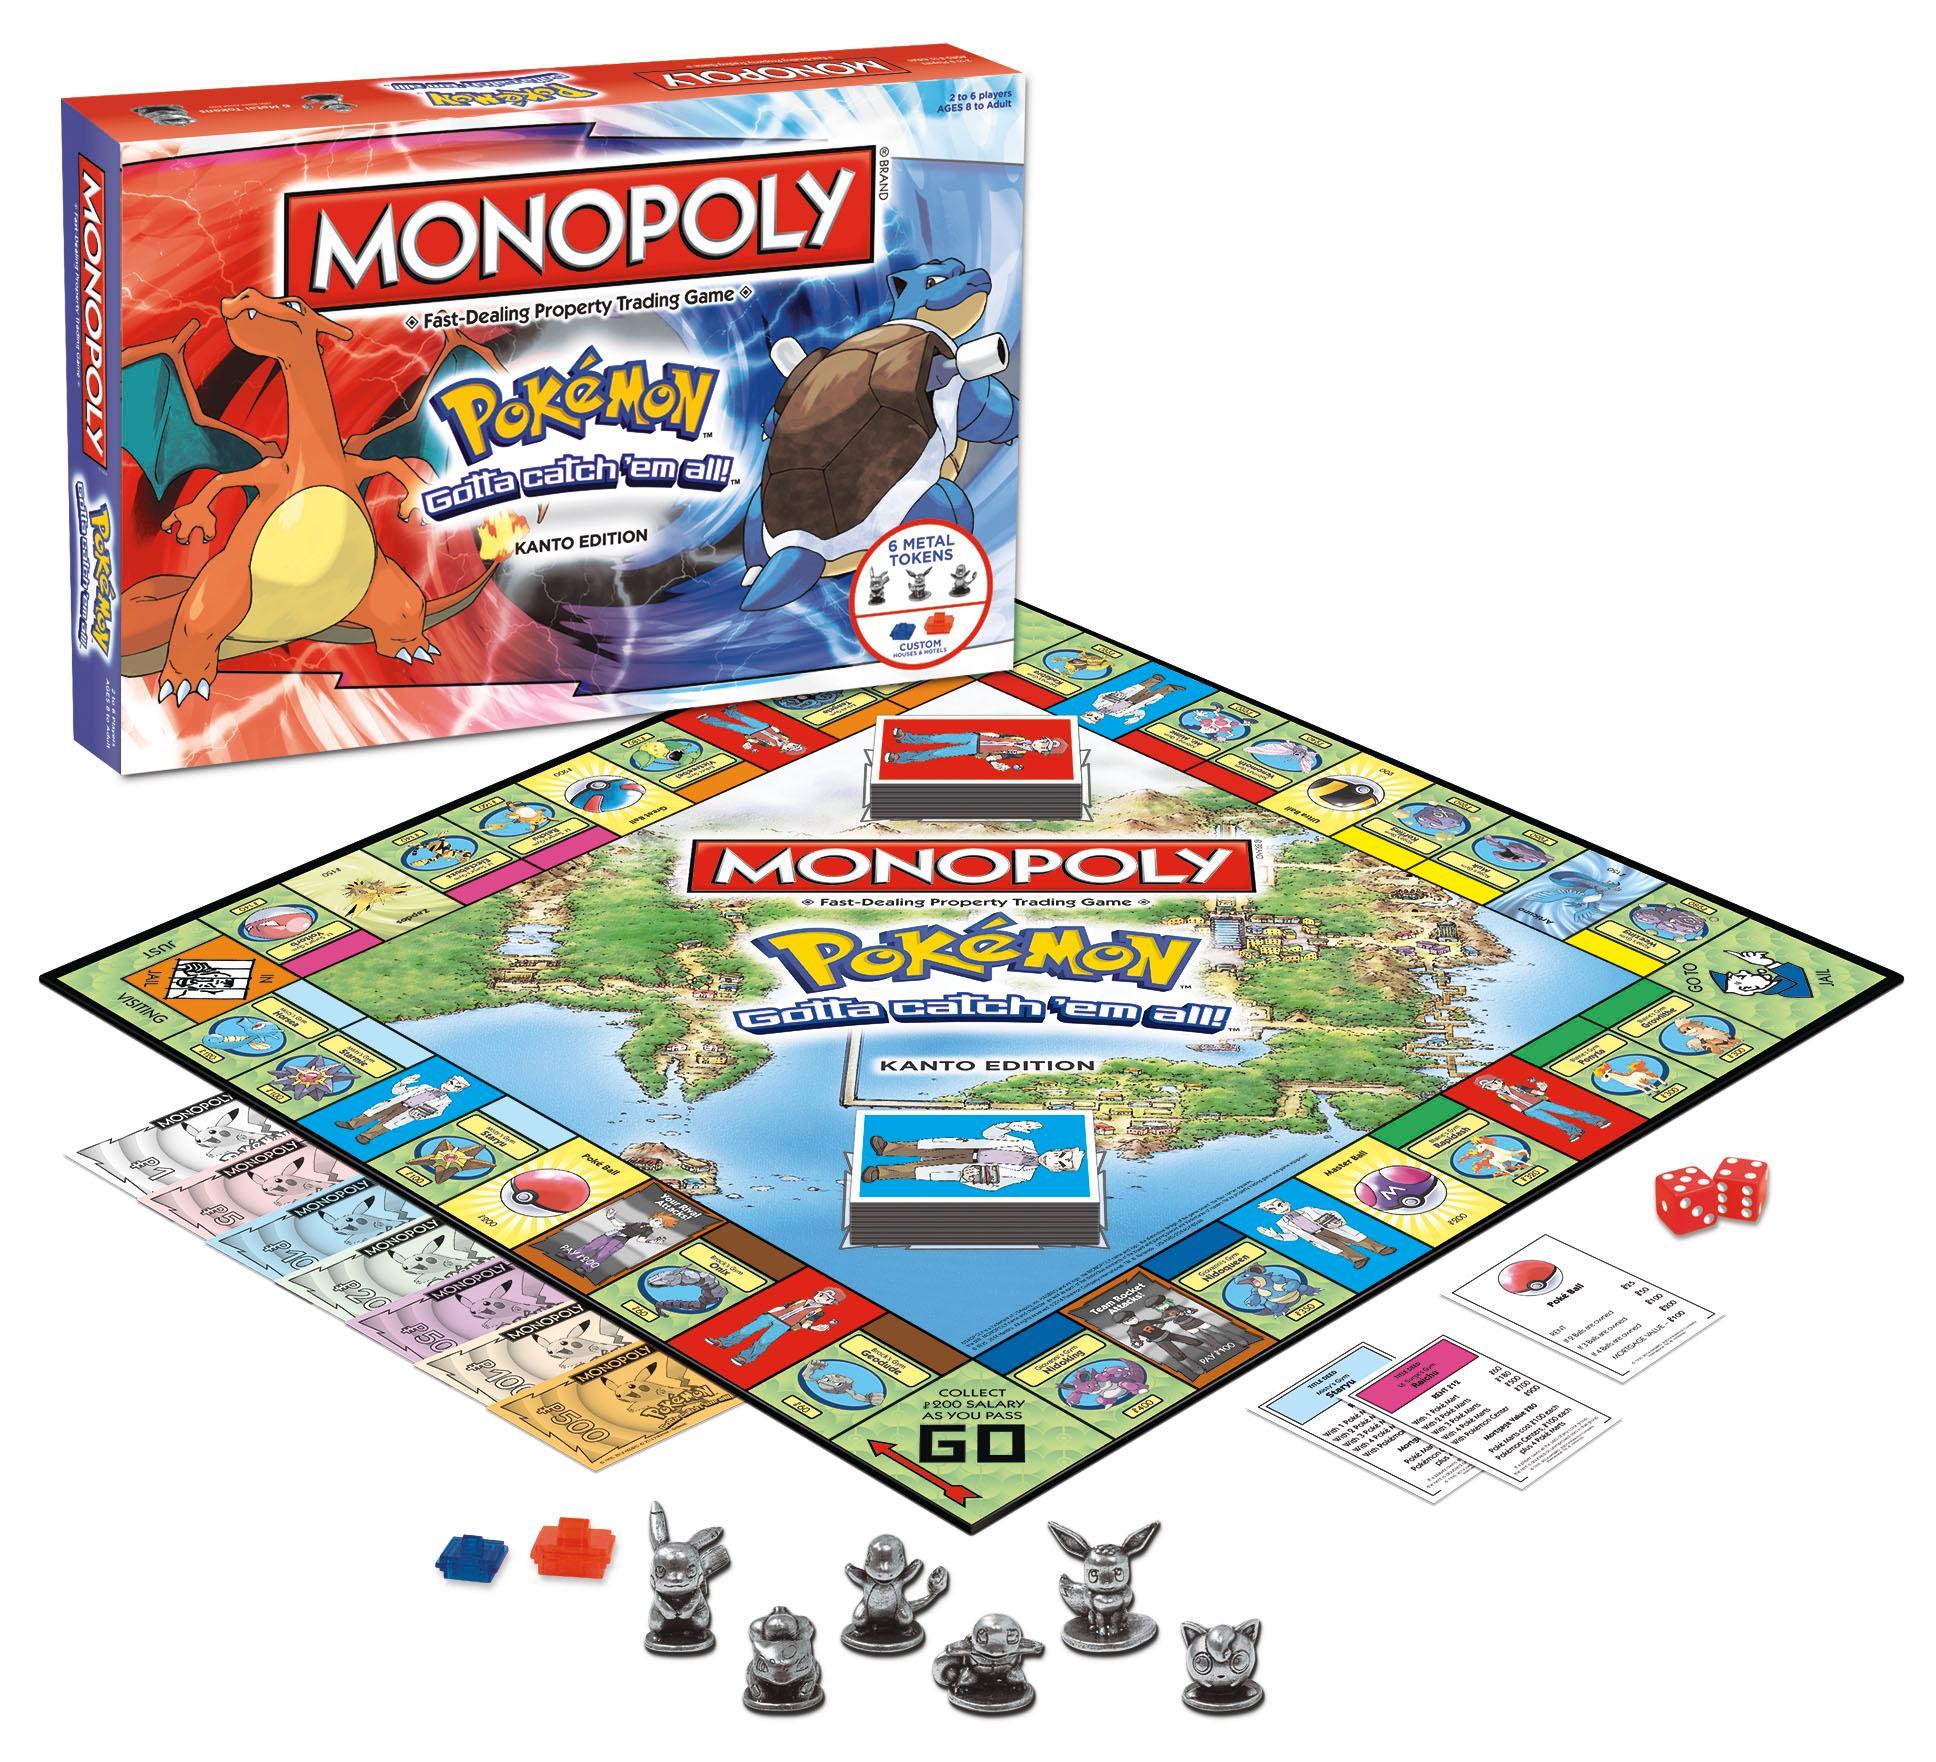 Toys And Games : Amazon monopoly pokemon kanto edition game toys